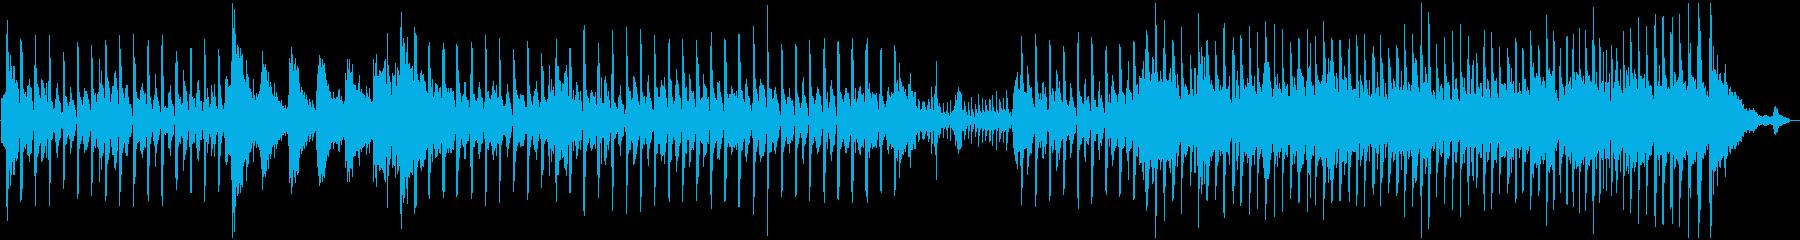 オーケストラ楽器コメディー-ユーモ...の再生済みの波形